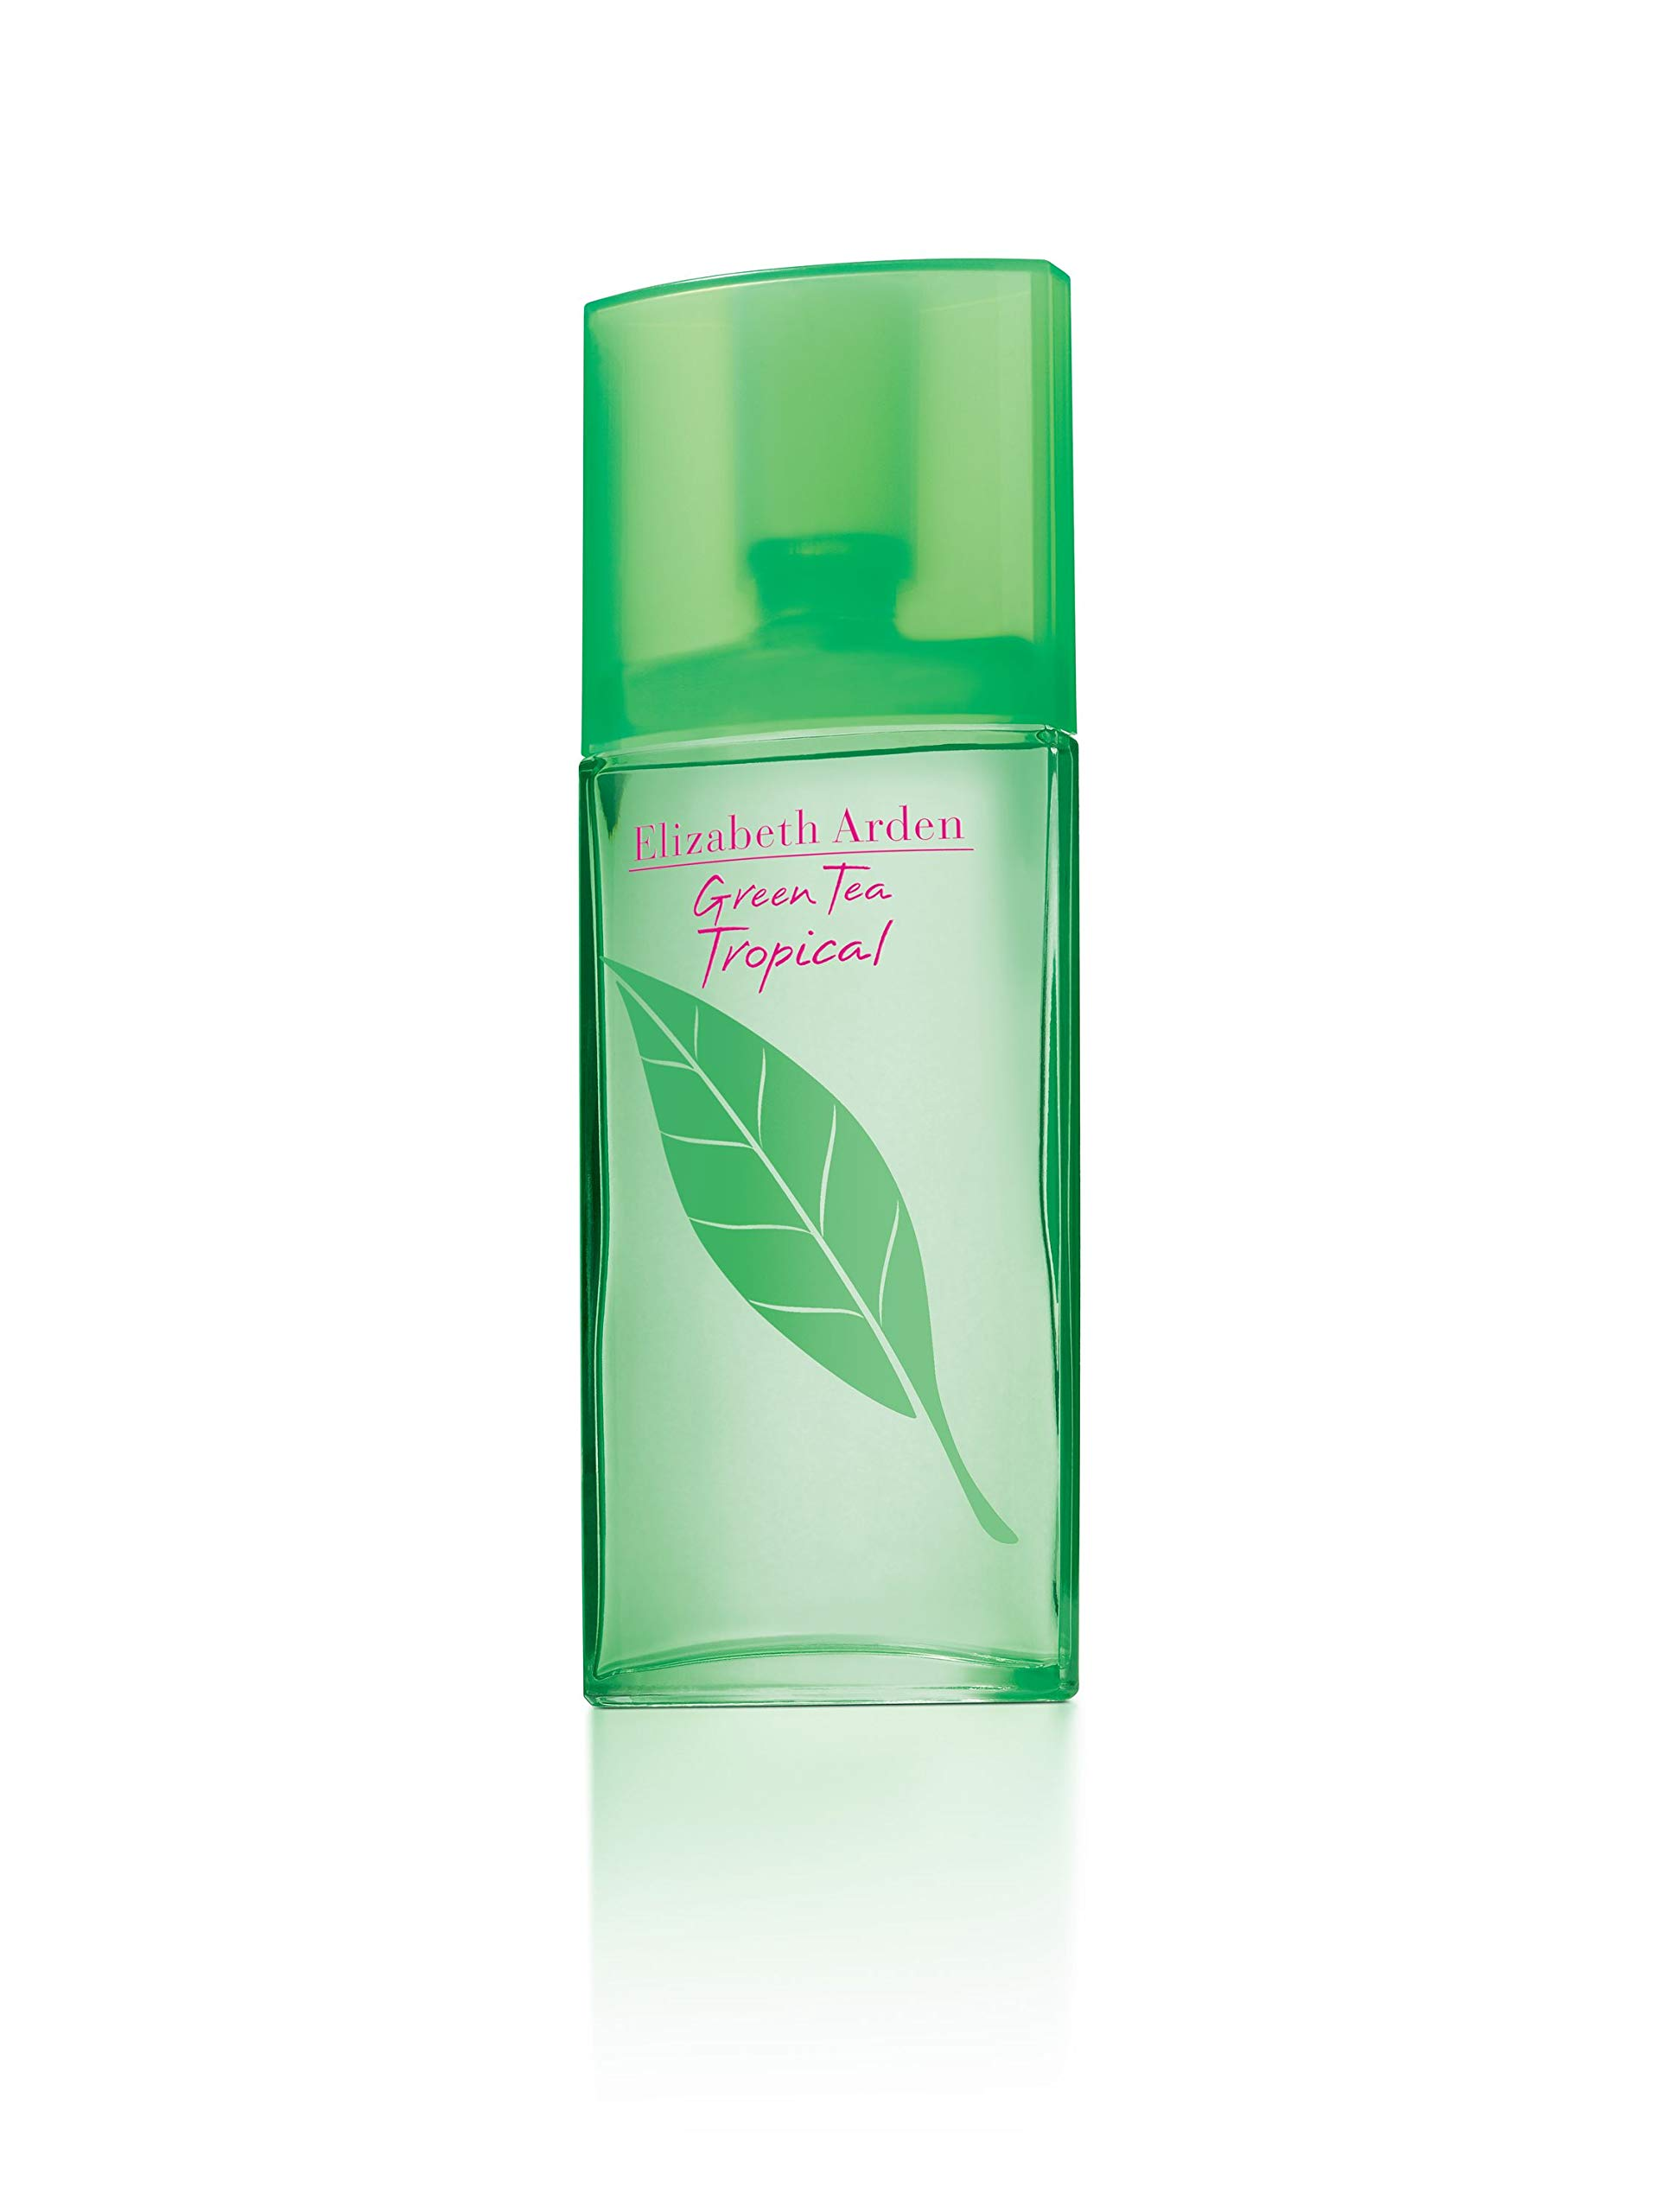 Elizabeth Arden Green Tea Tropical Eau de Toilette Vapo Perfume, 100 ml